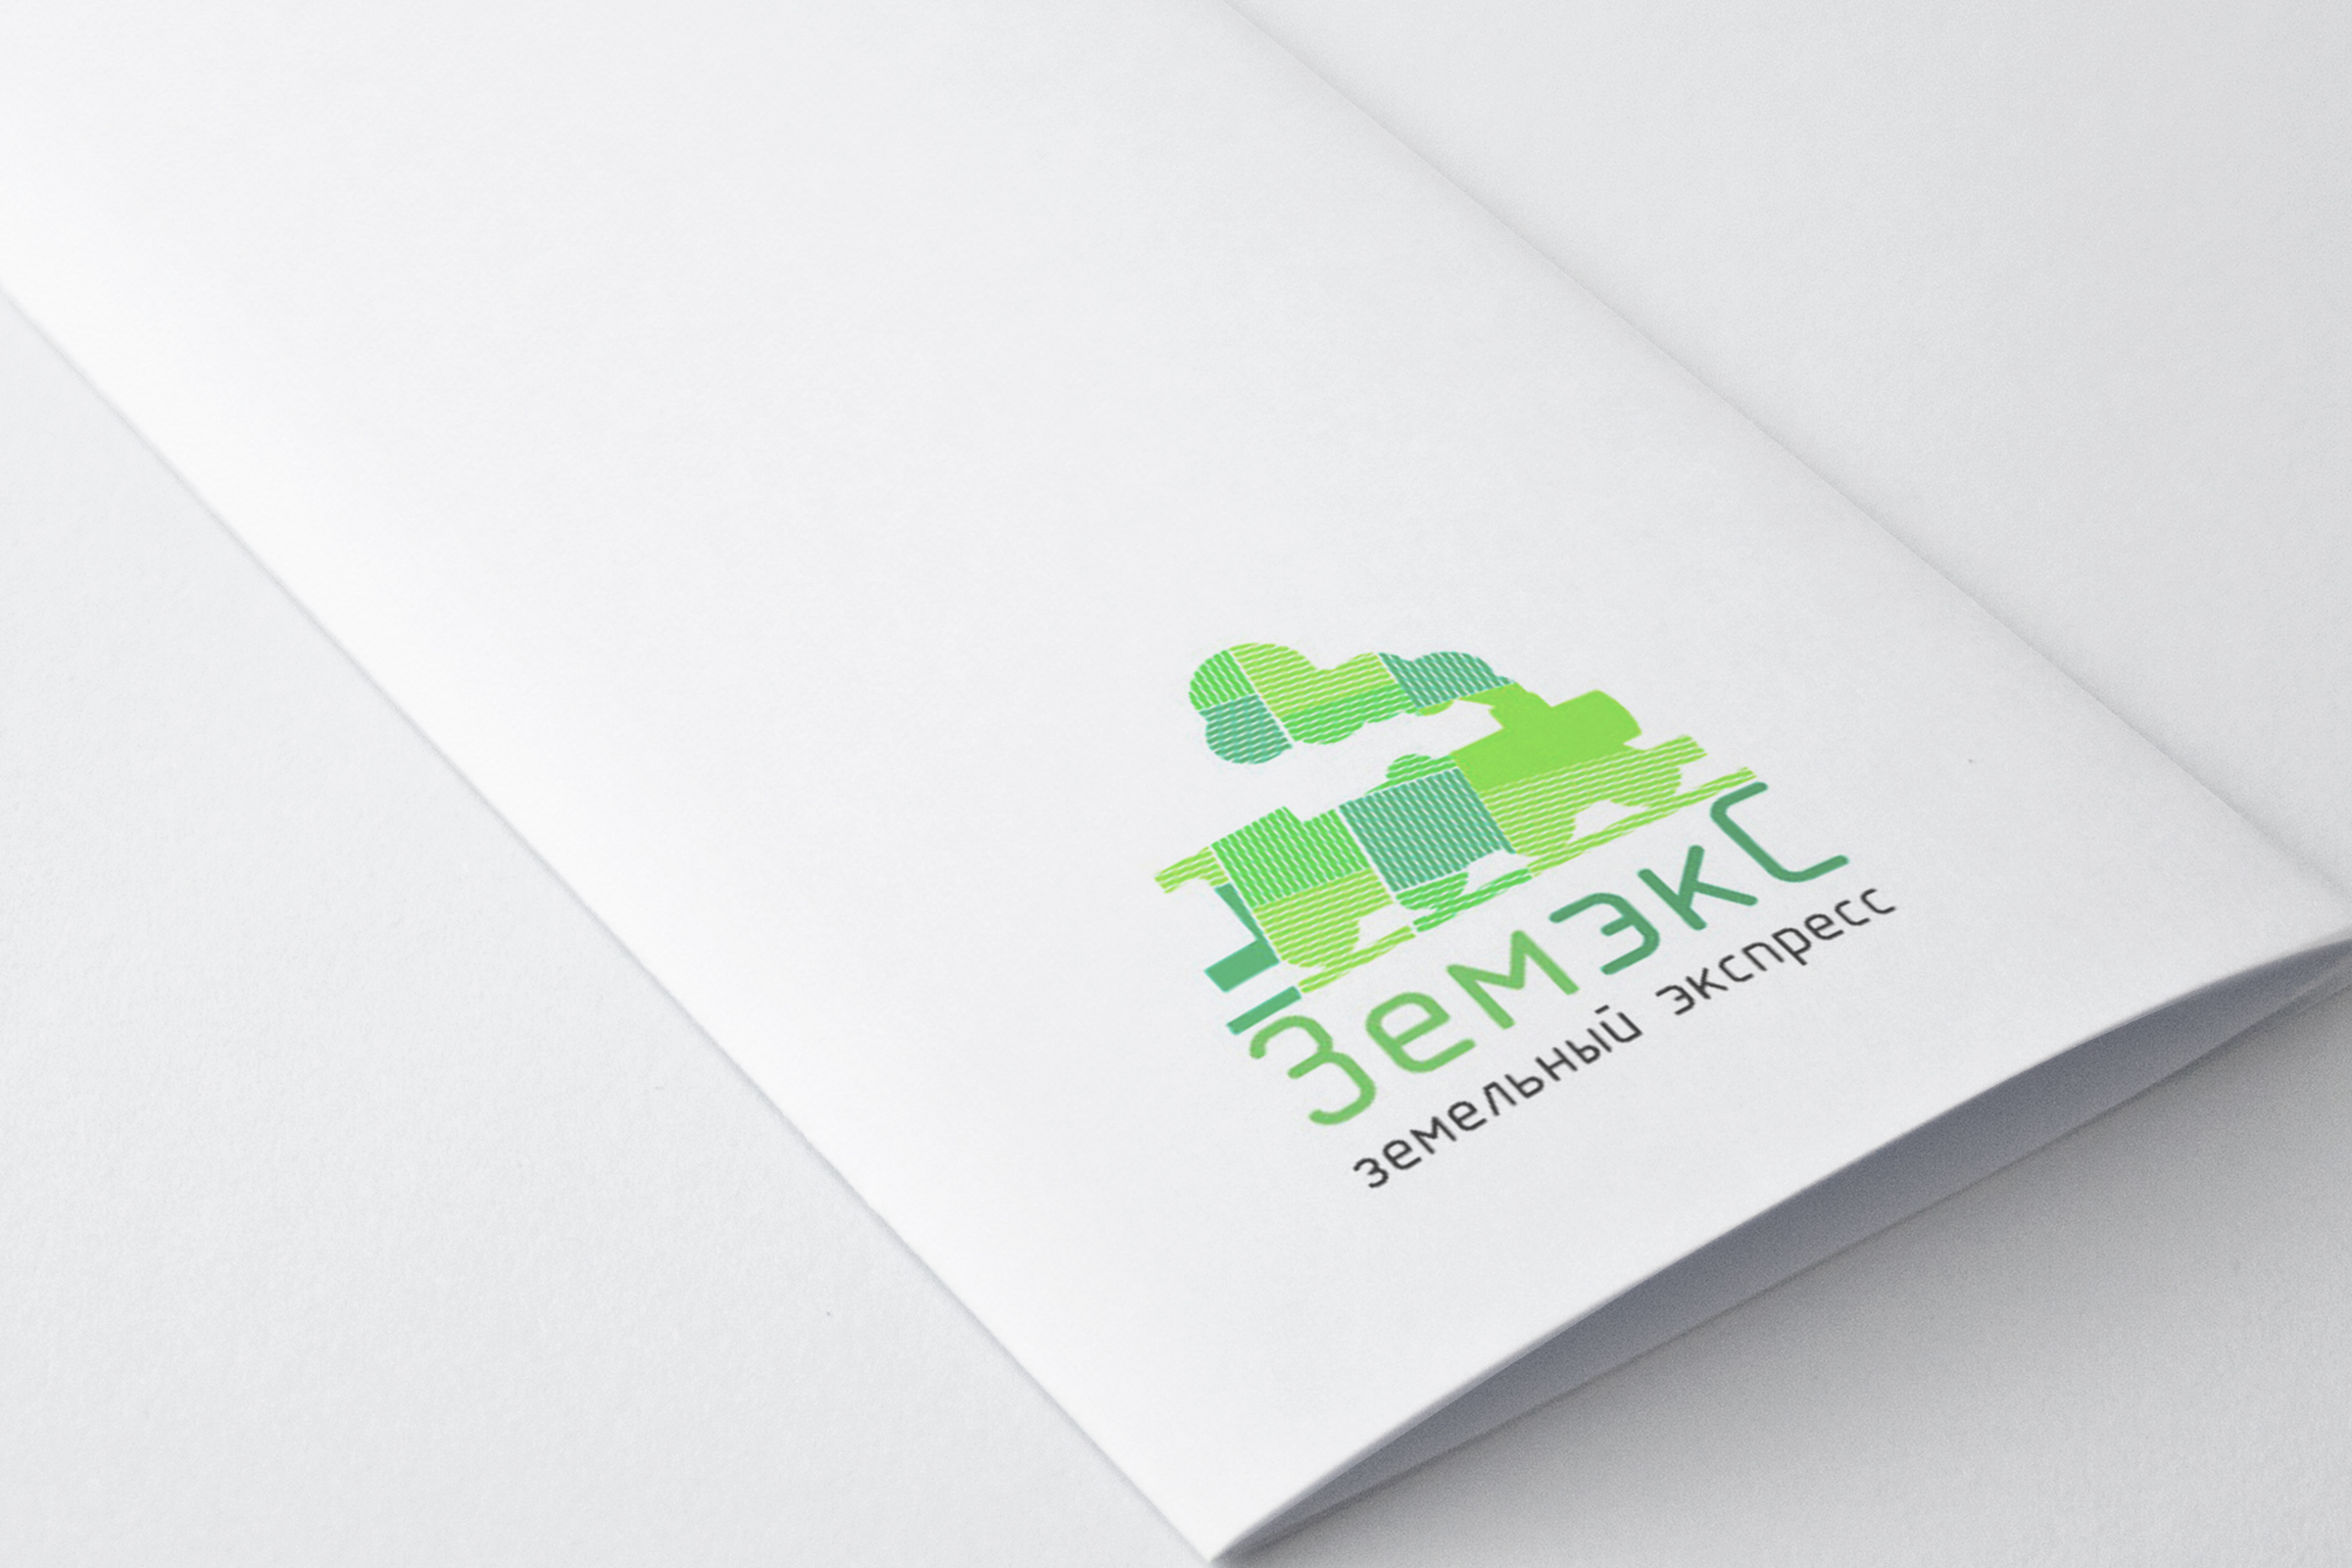 Создание логотипа и фирменного стиля фото f_13959e6133550fe5.jpg